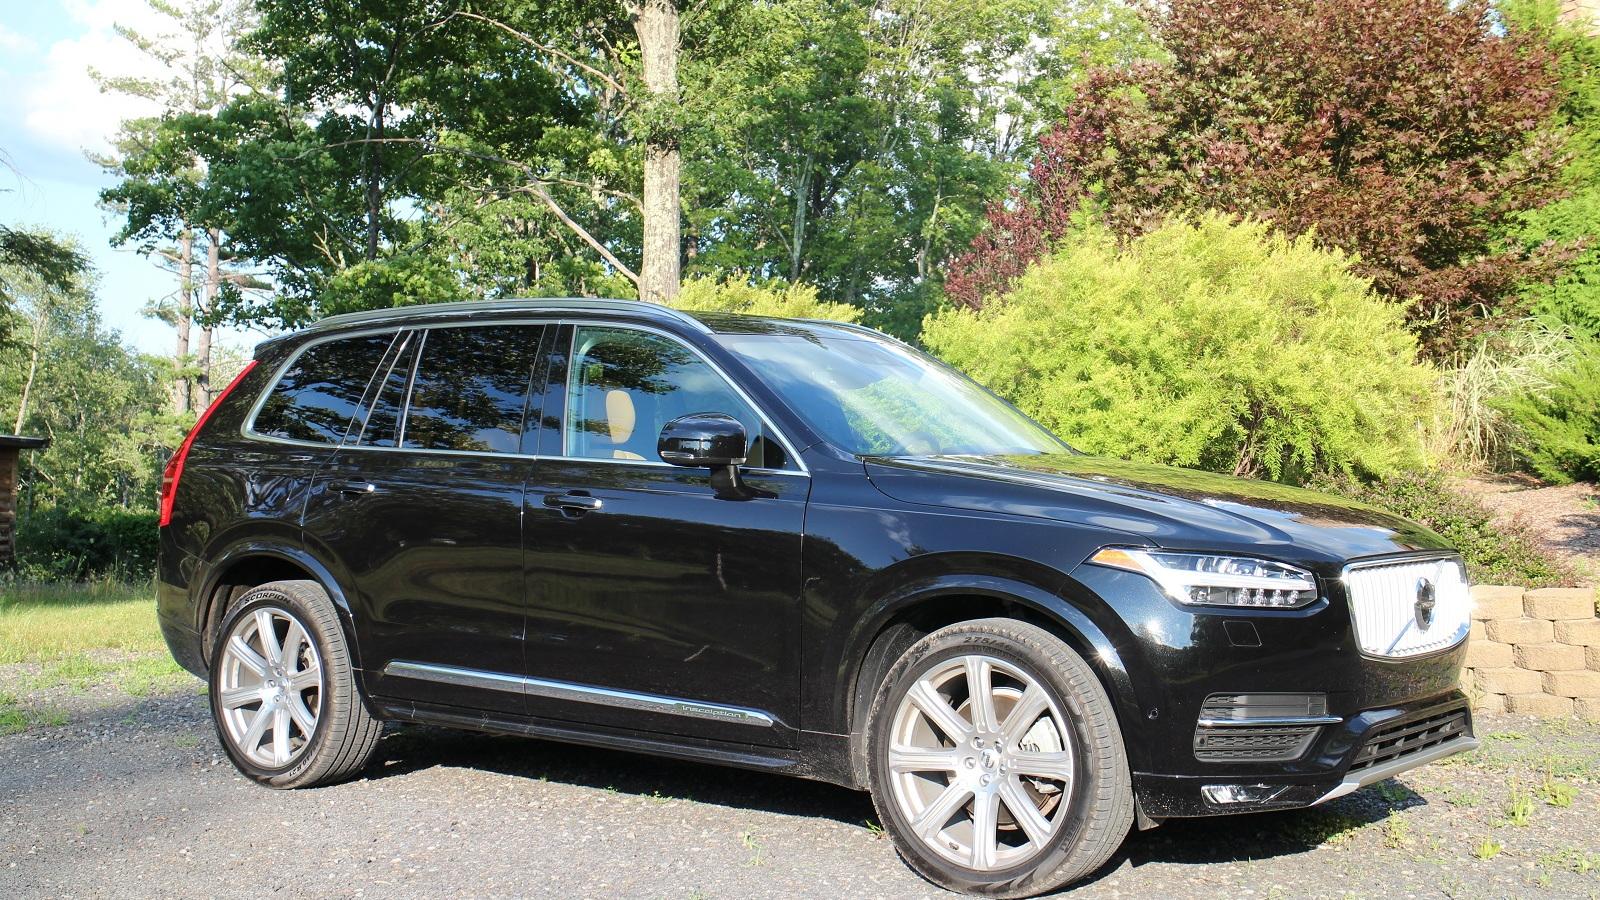 2016 Volvo XC90, Catskill Mountains, NY, Aug 2015